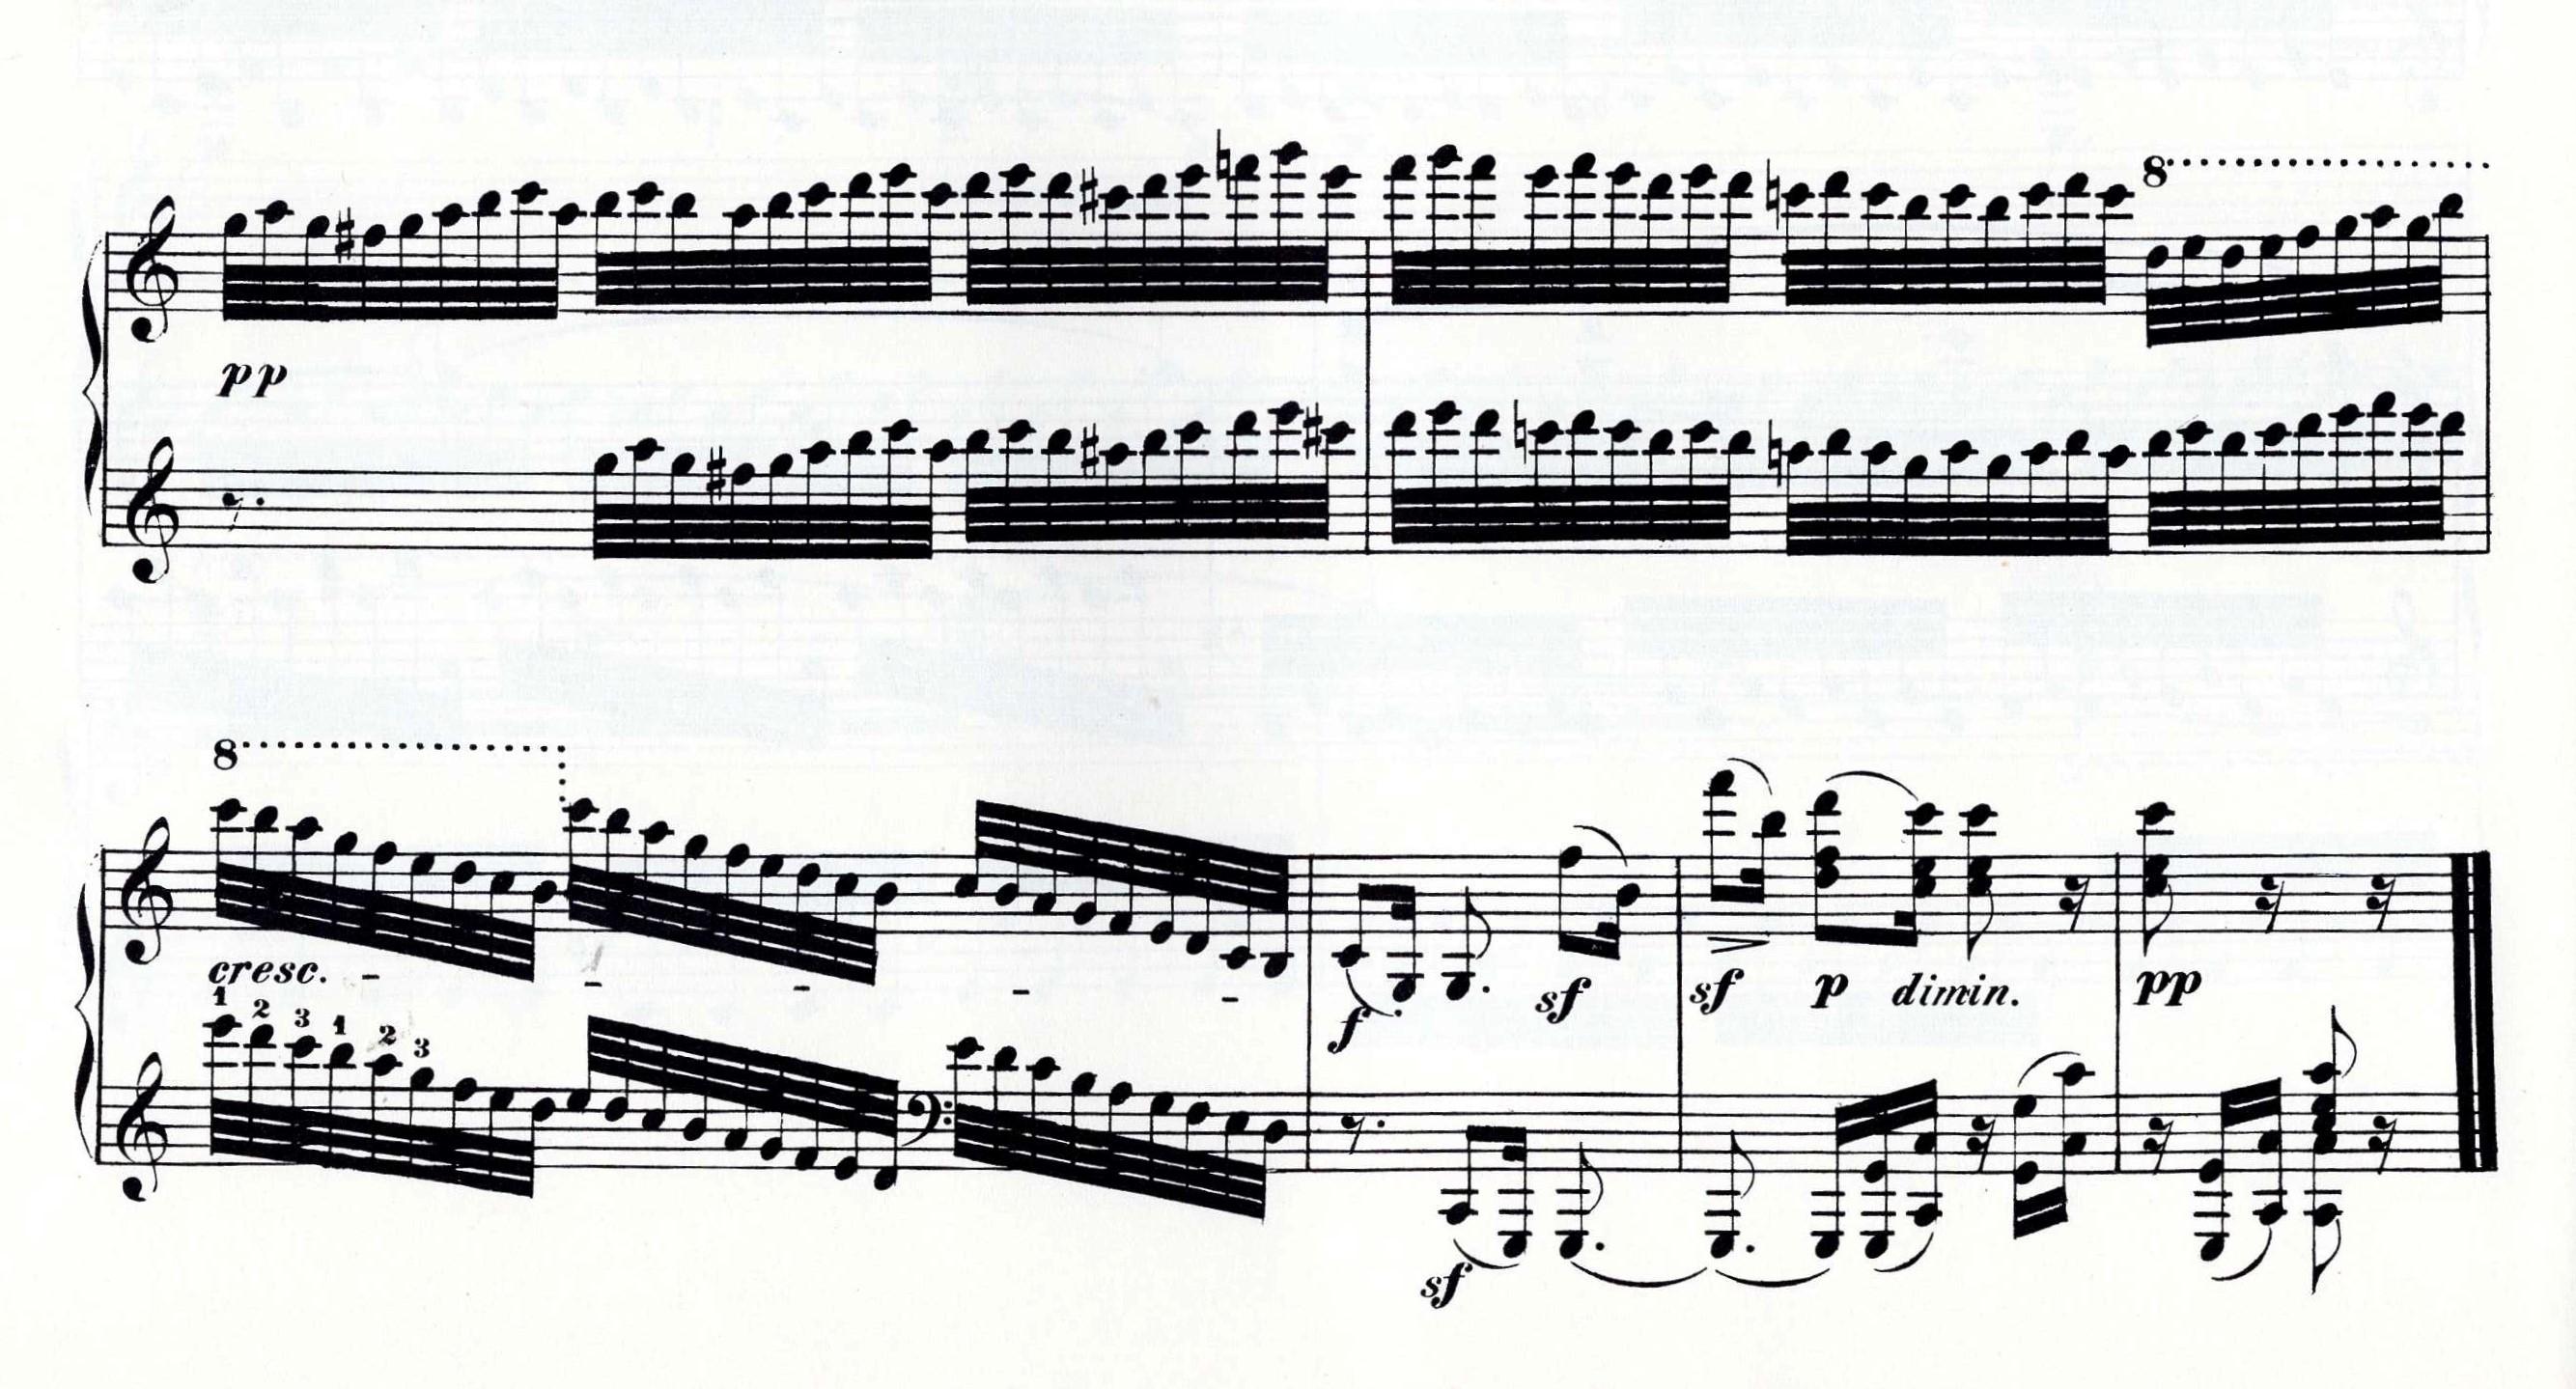 Op.111 closing bars.